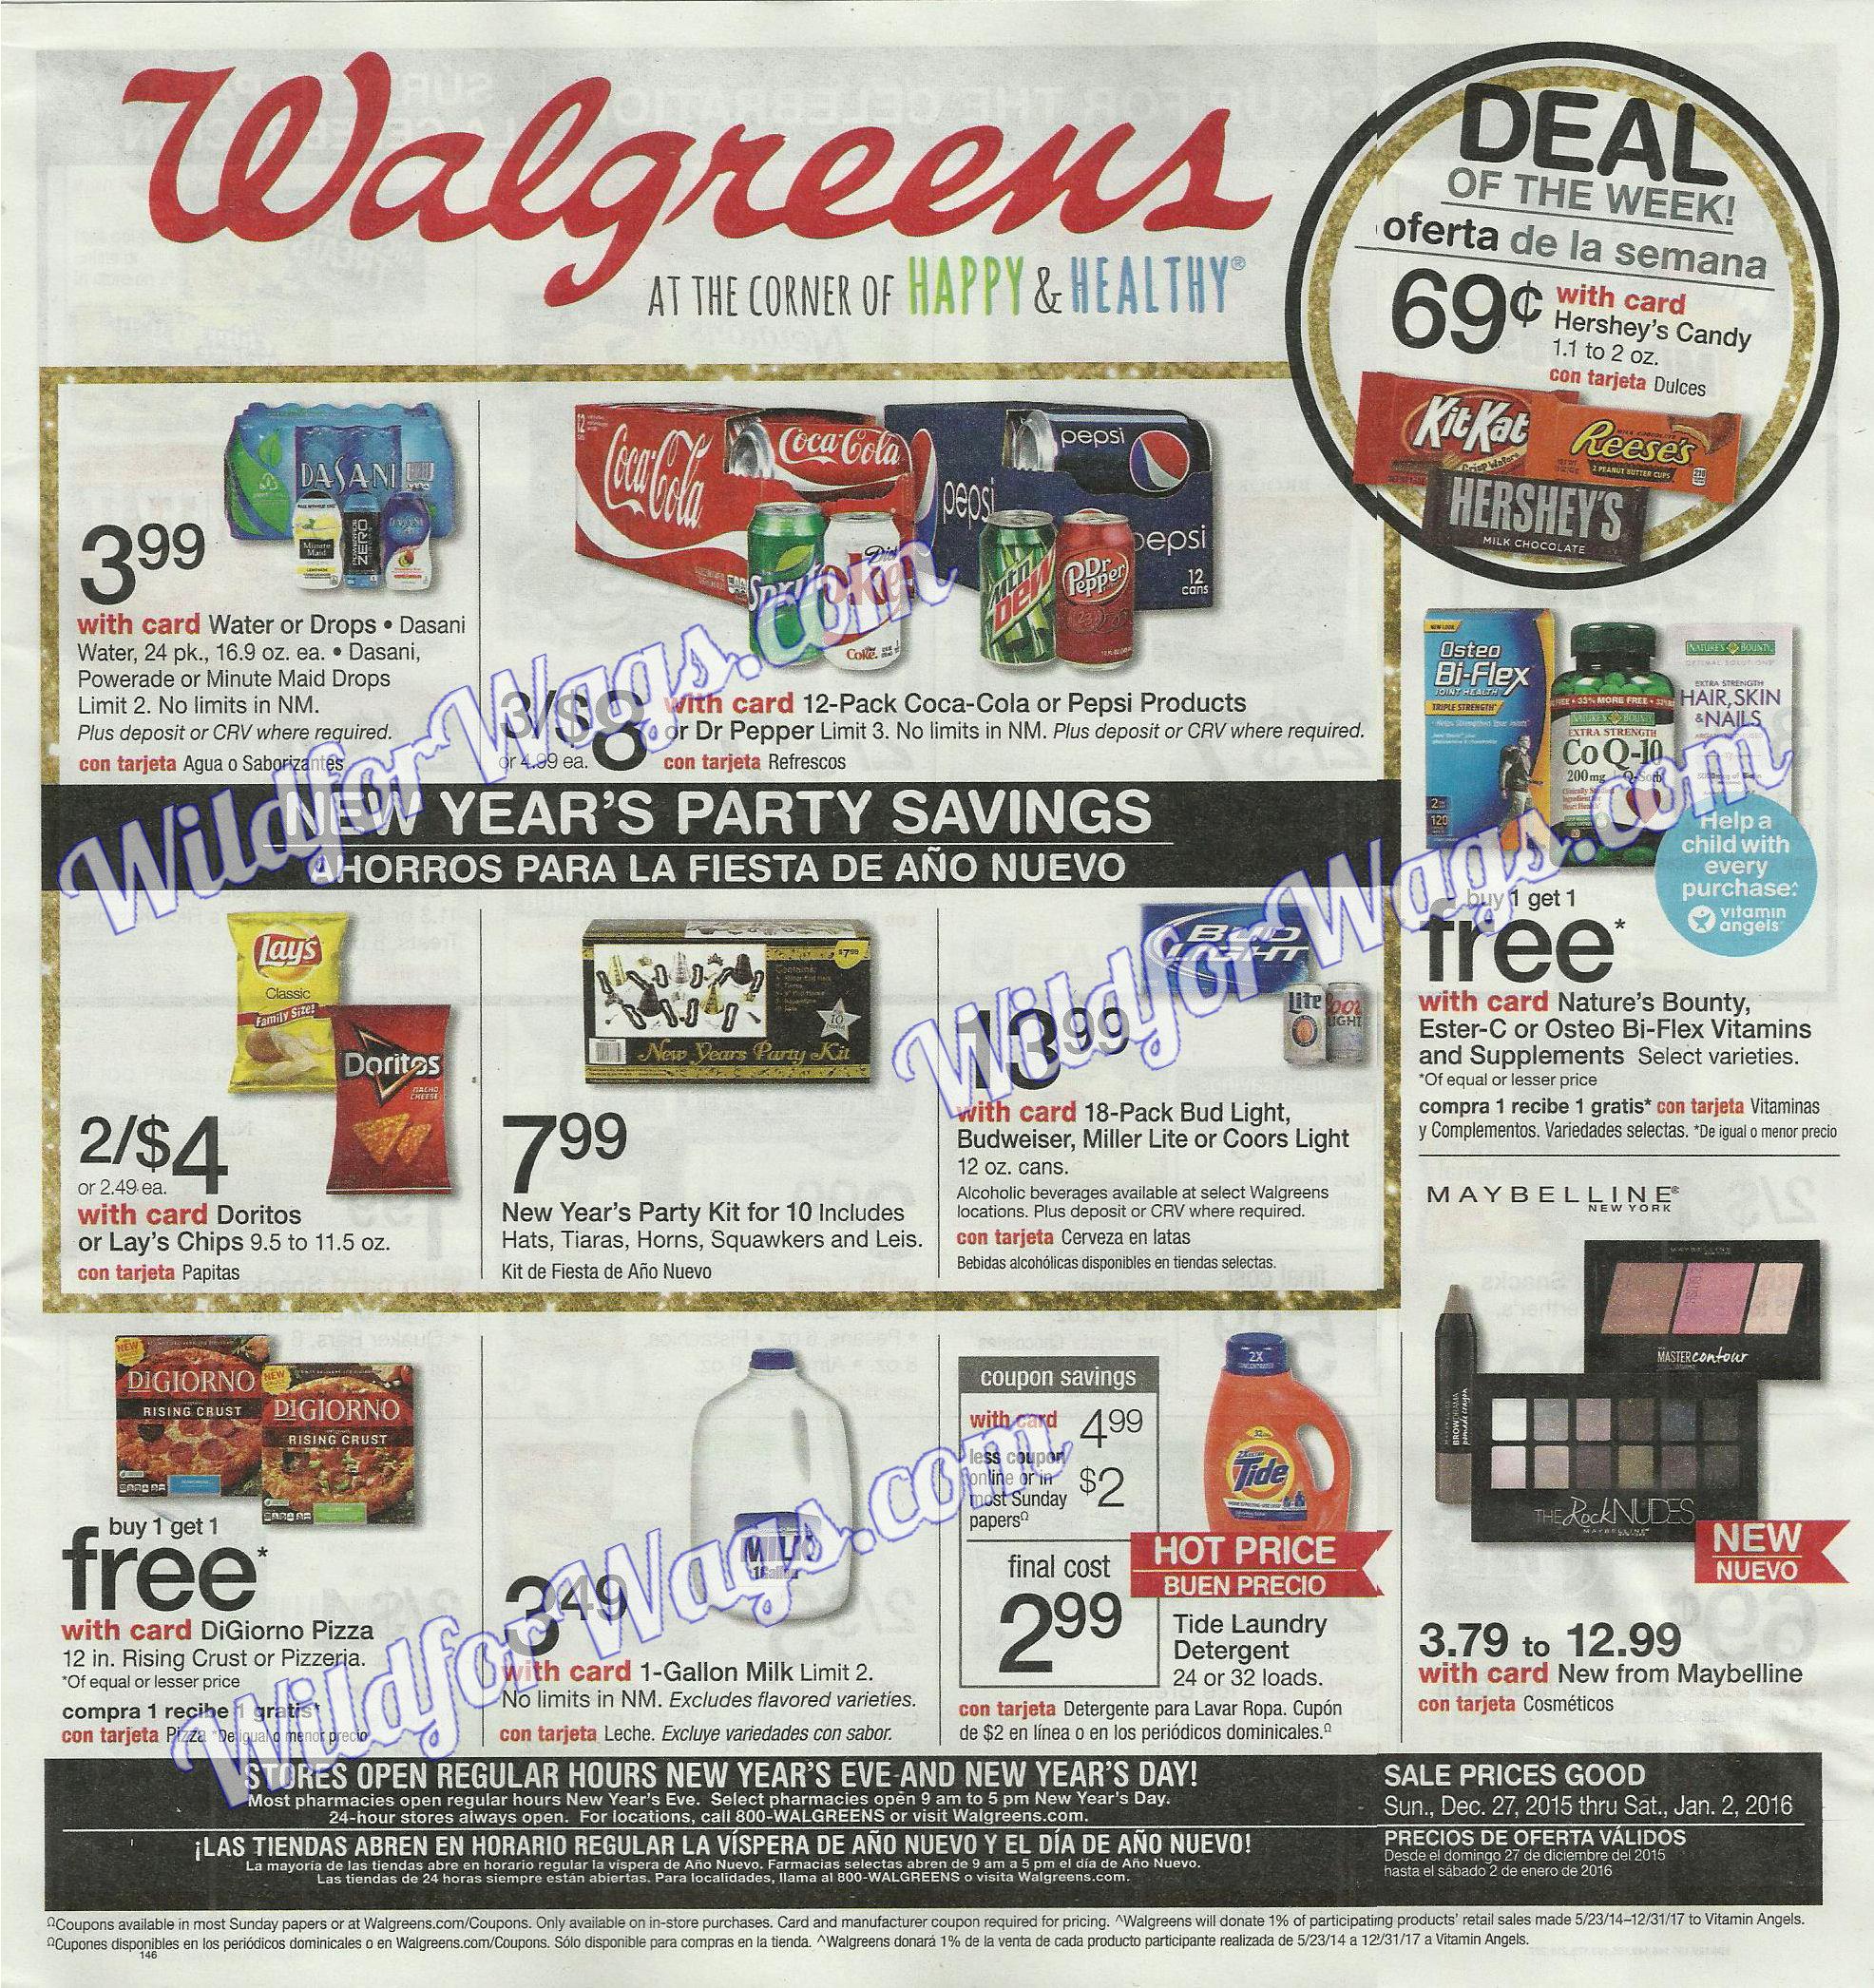 WALGREENS WEEKLY AD — Page 59